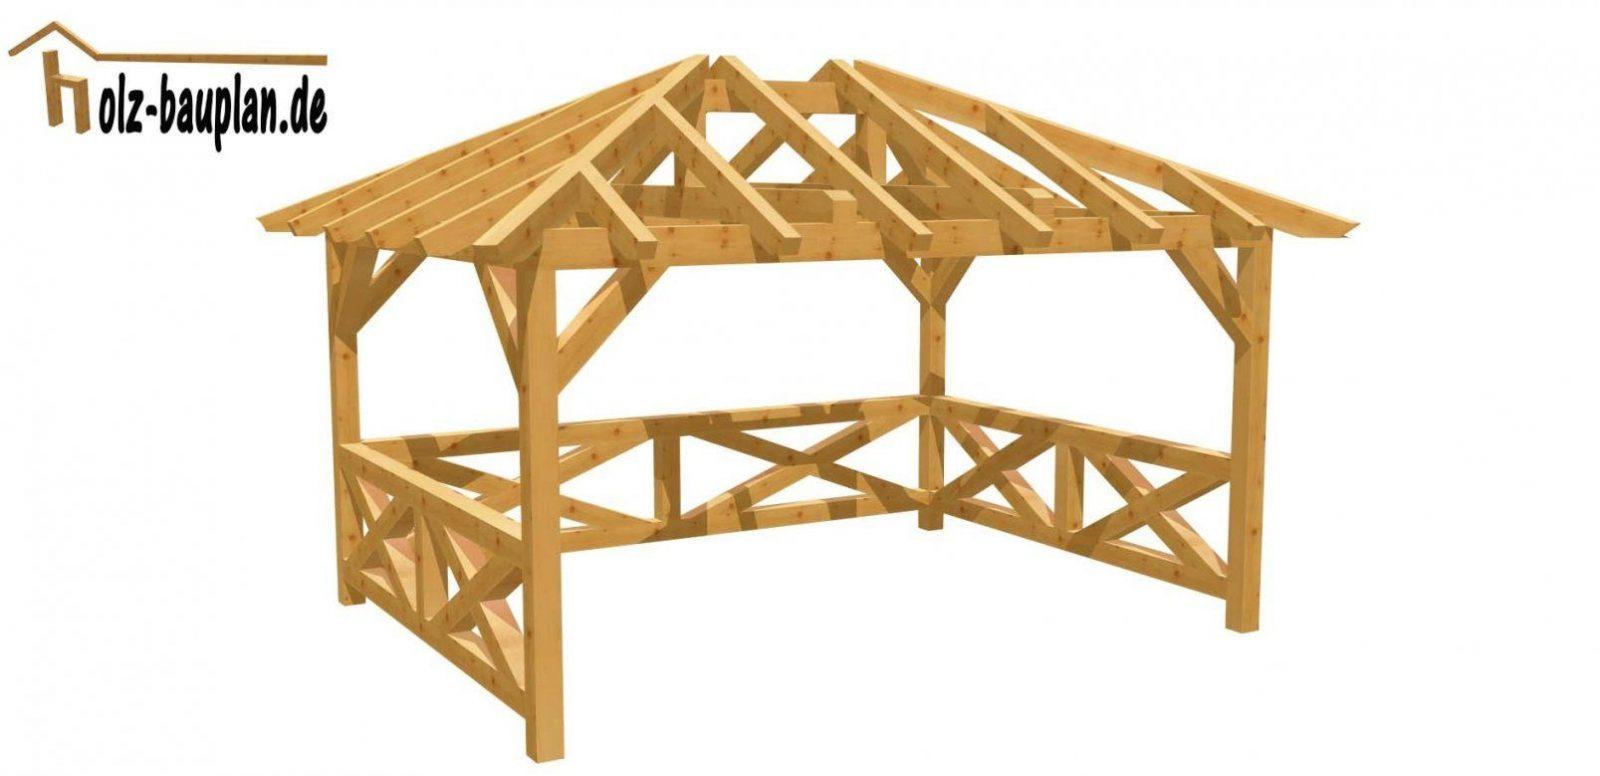 Pavillon Einfach Selber Bauen  Youtube von Pavillon 8 Eckig Holz Bauanleitung Bild